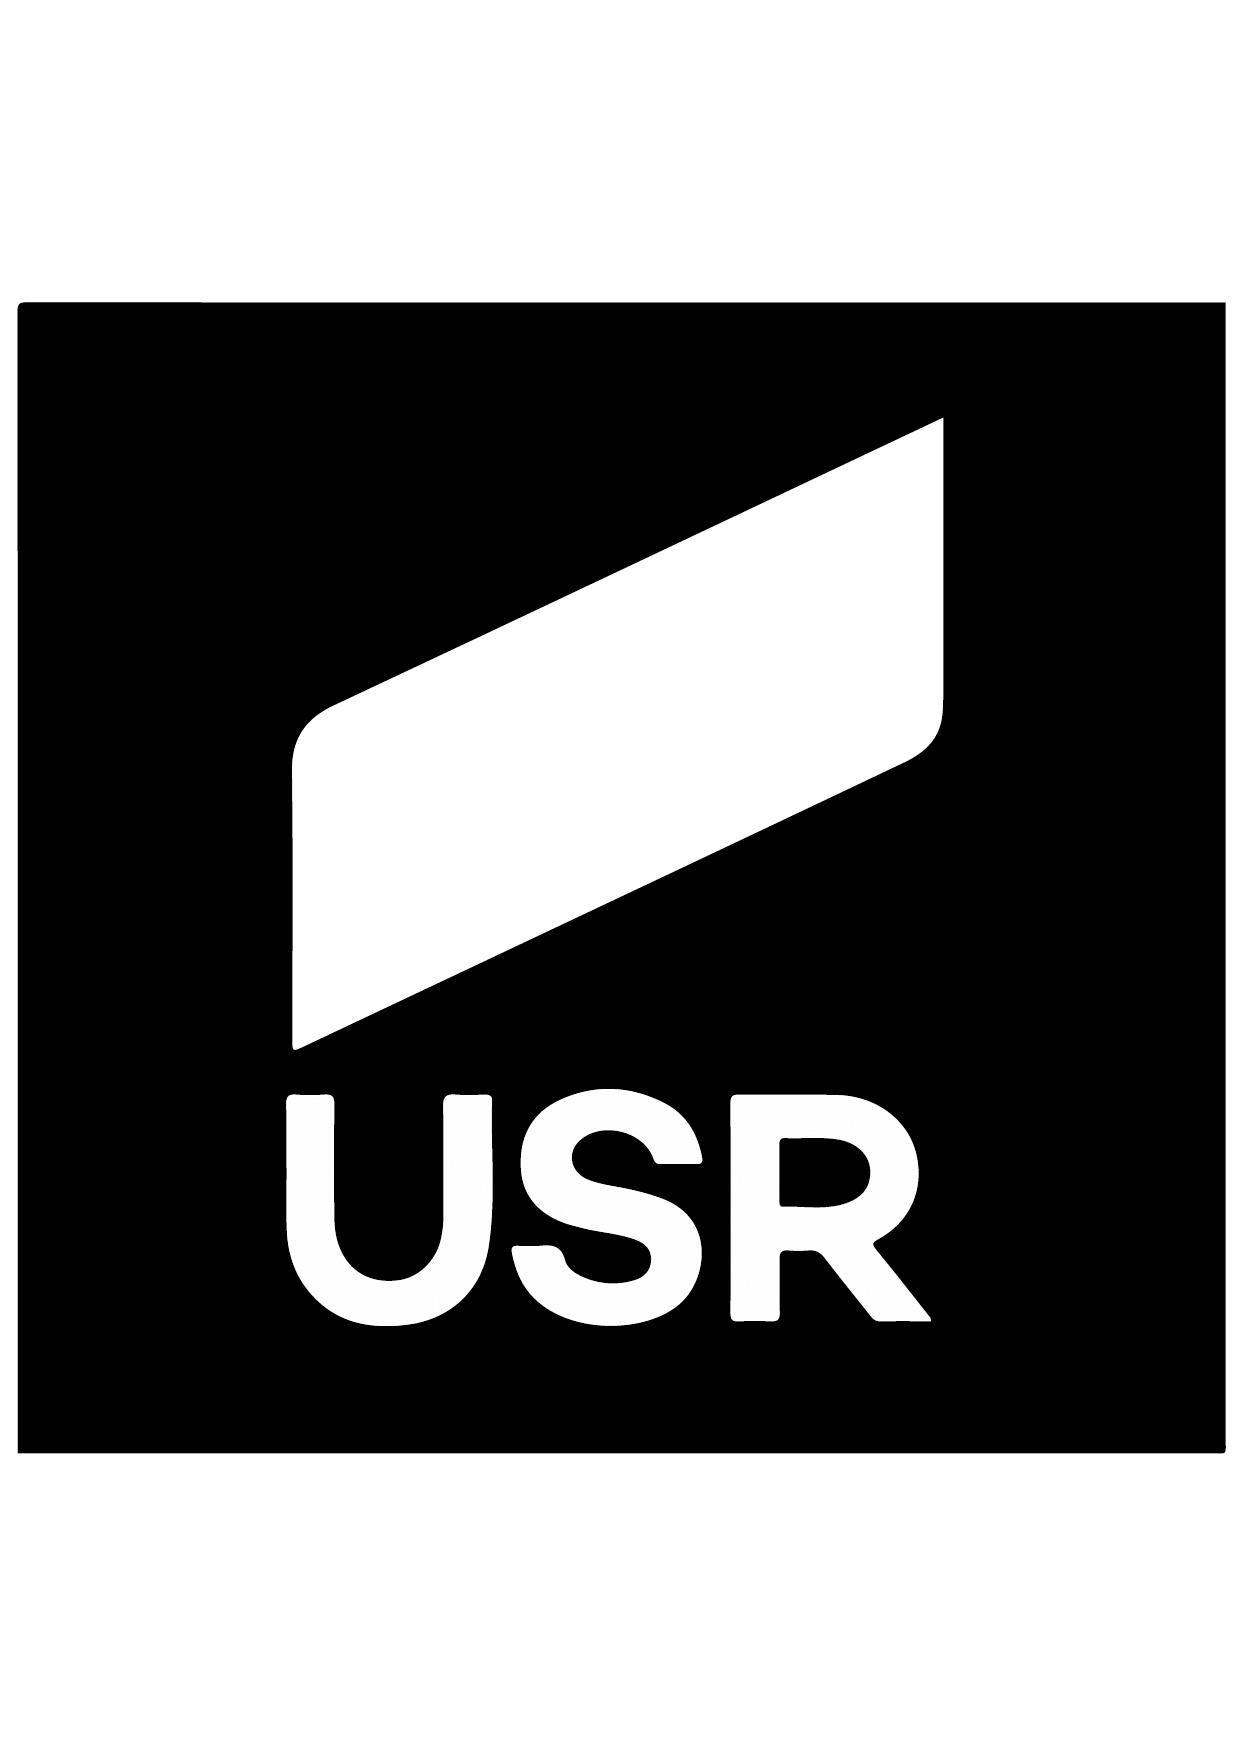 emblem of usr